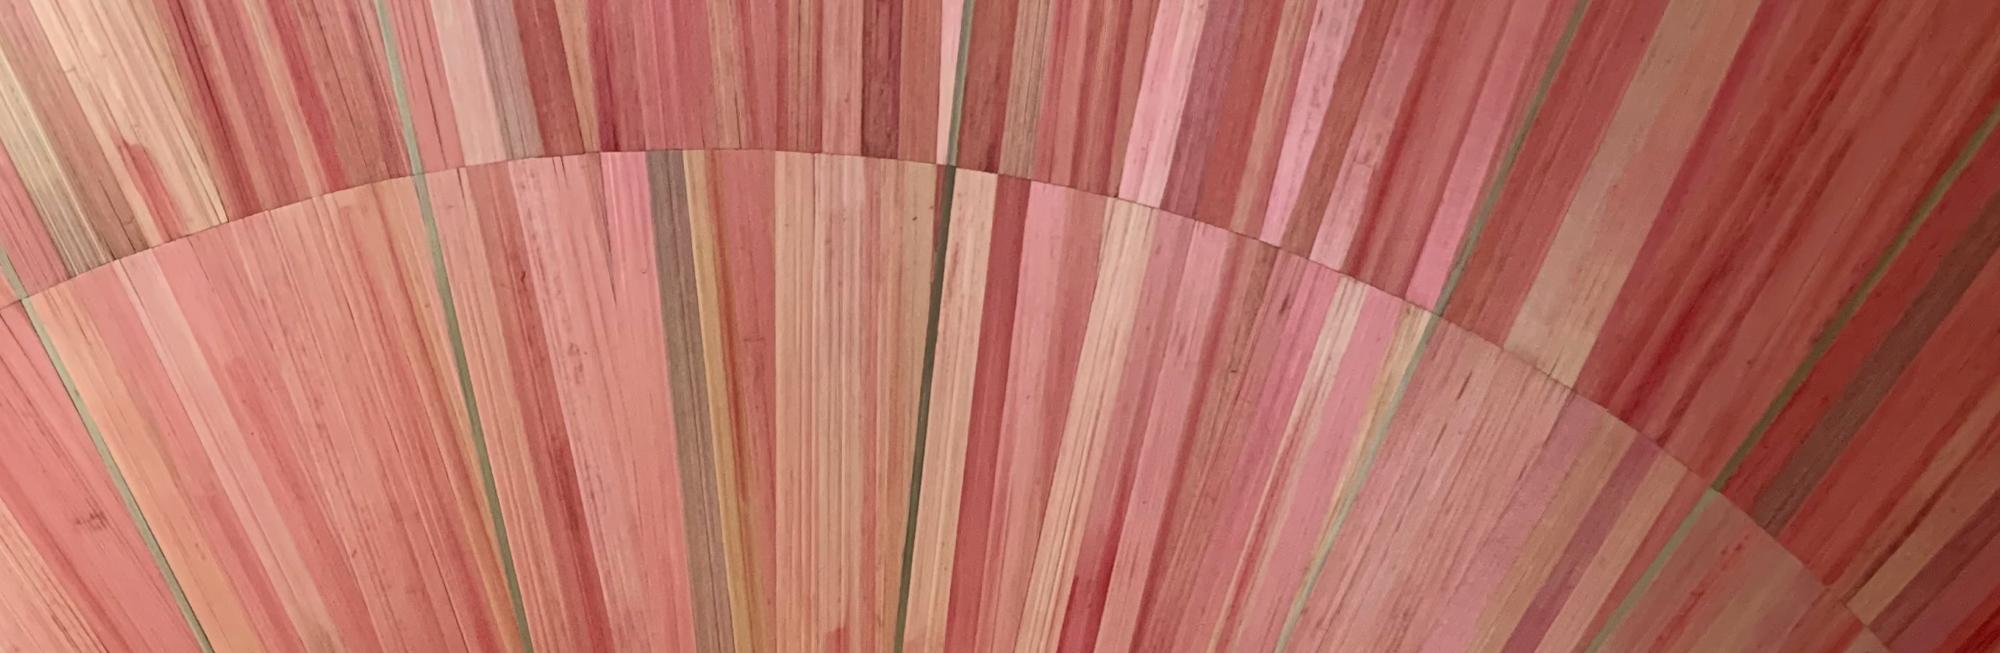 Murales y paneles de paja